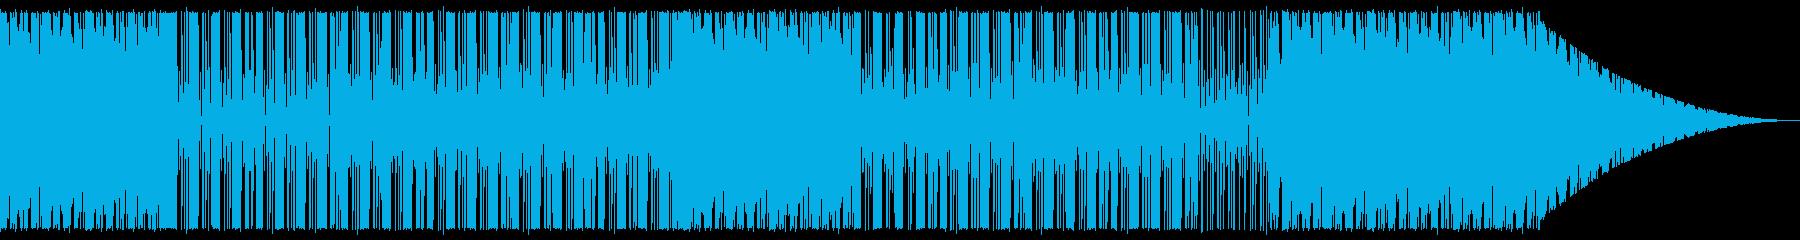 ブーンバップ・HIPHOP・レコード風の再生済みの波形